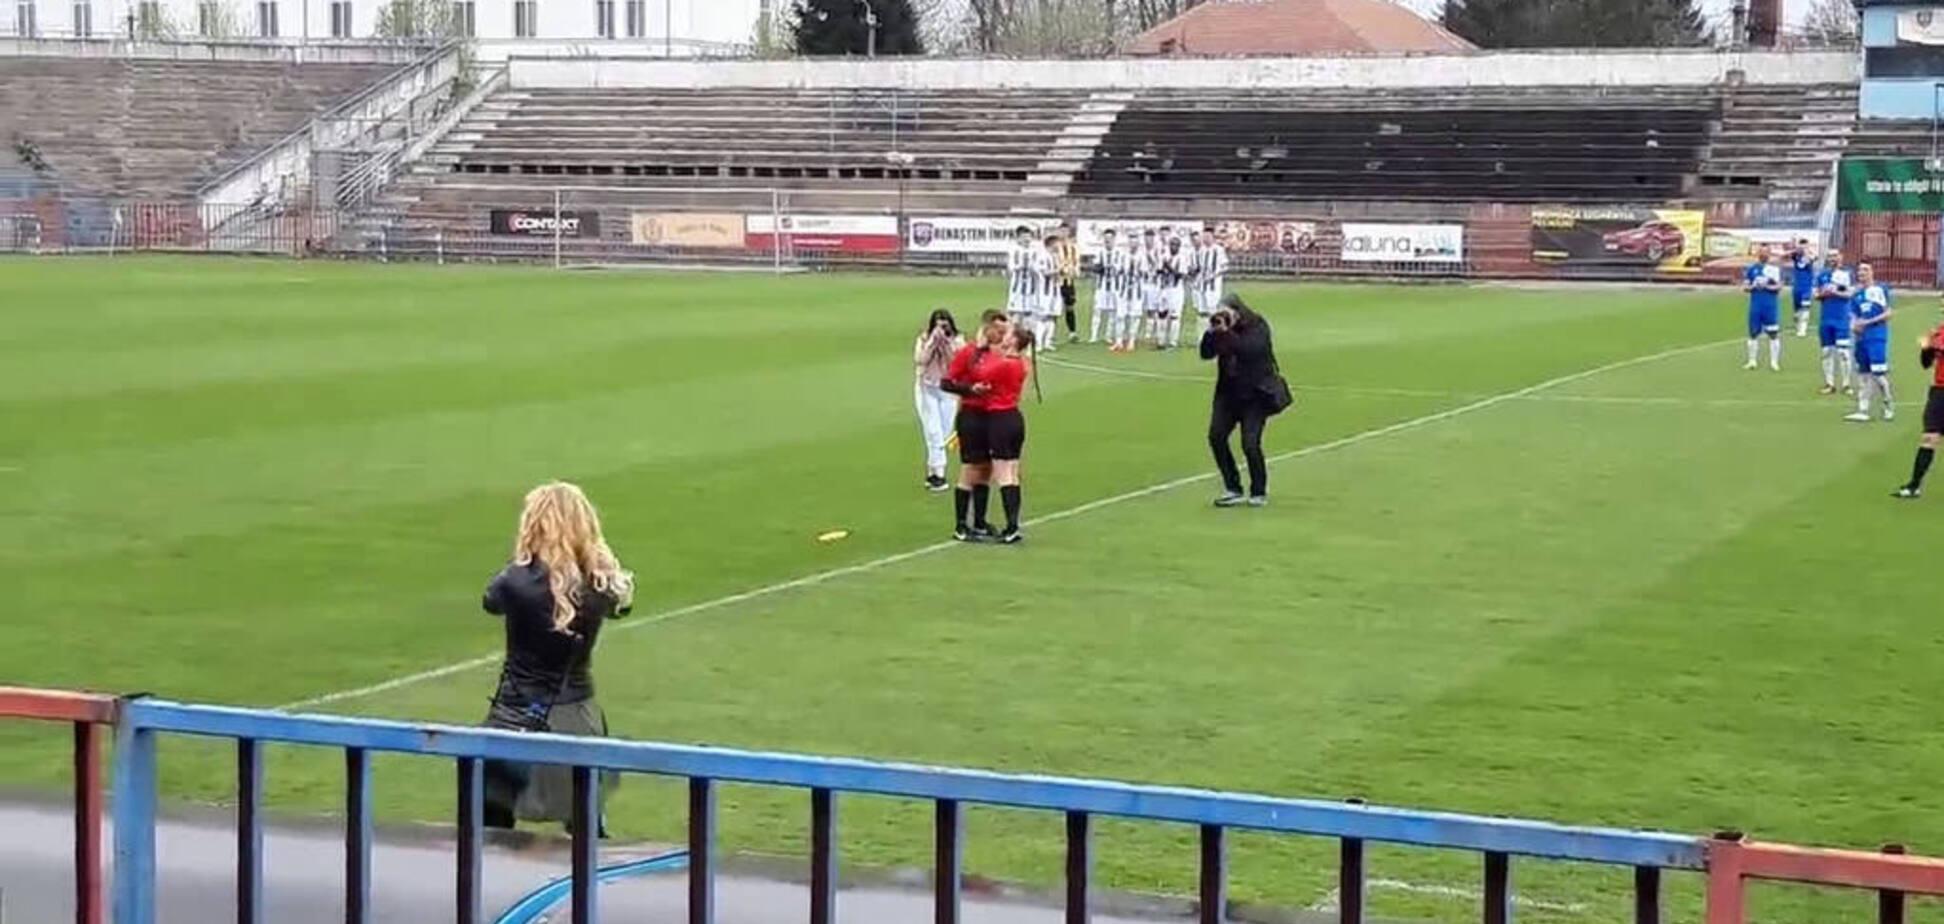 Футбольный арбитр сделал предложение коллеге во время матча - опубликовано видео